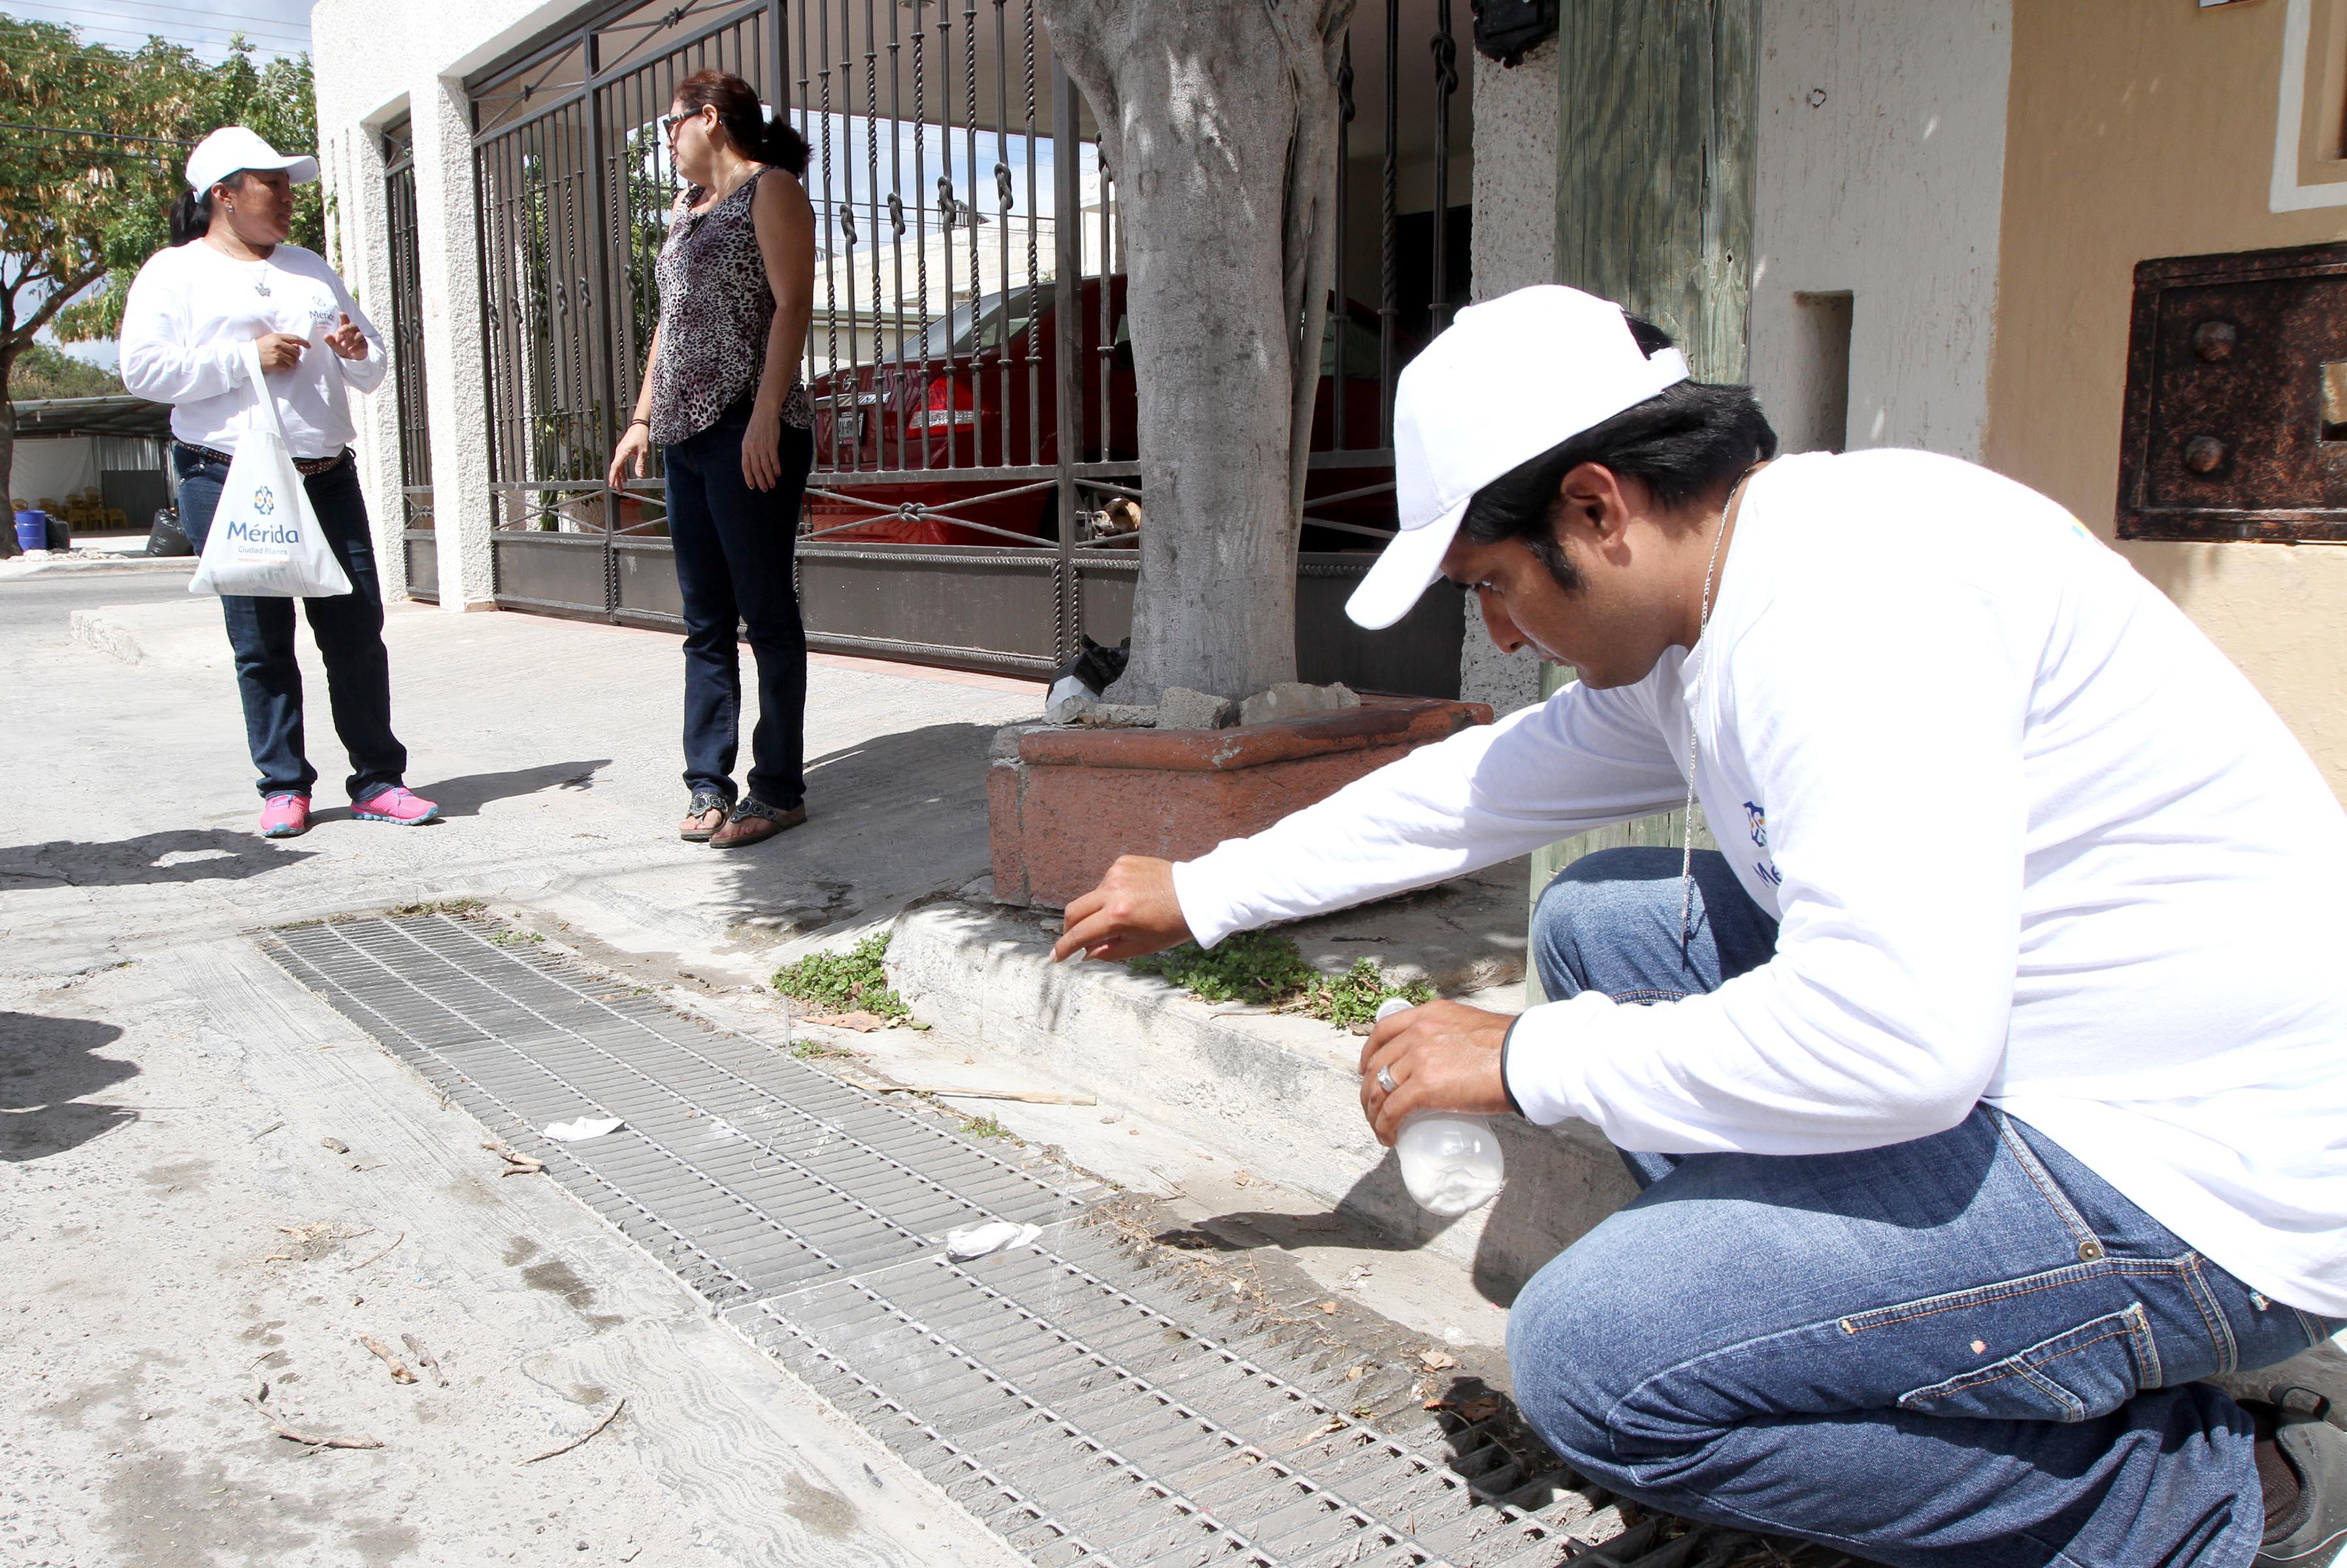 Van empleados municipales de Mérida a combatir moscos